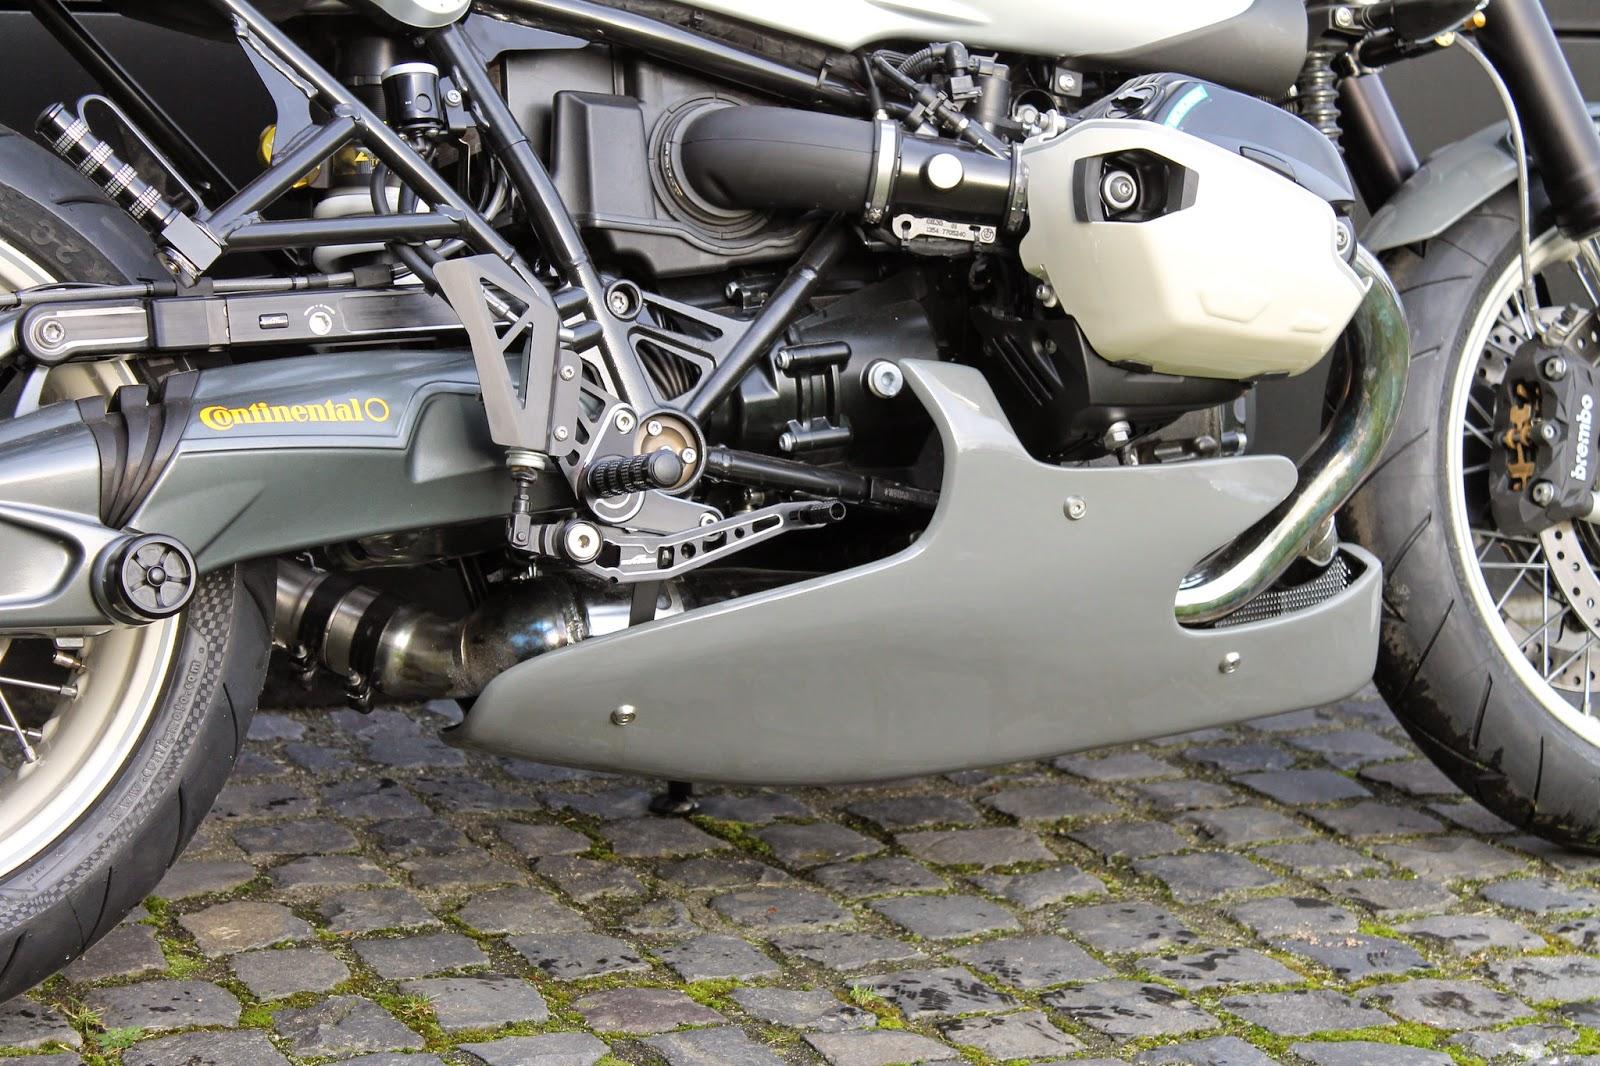 BMW%2BR%2BNineT%2Bby%2BAC%2BSchnitzer%2B12 Yamaha Wiring Diagram on g1e, big bear 350, big bear 400,